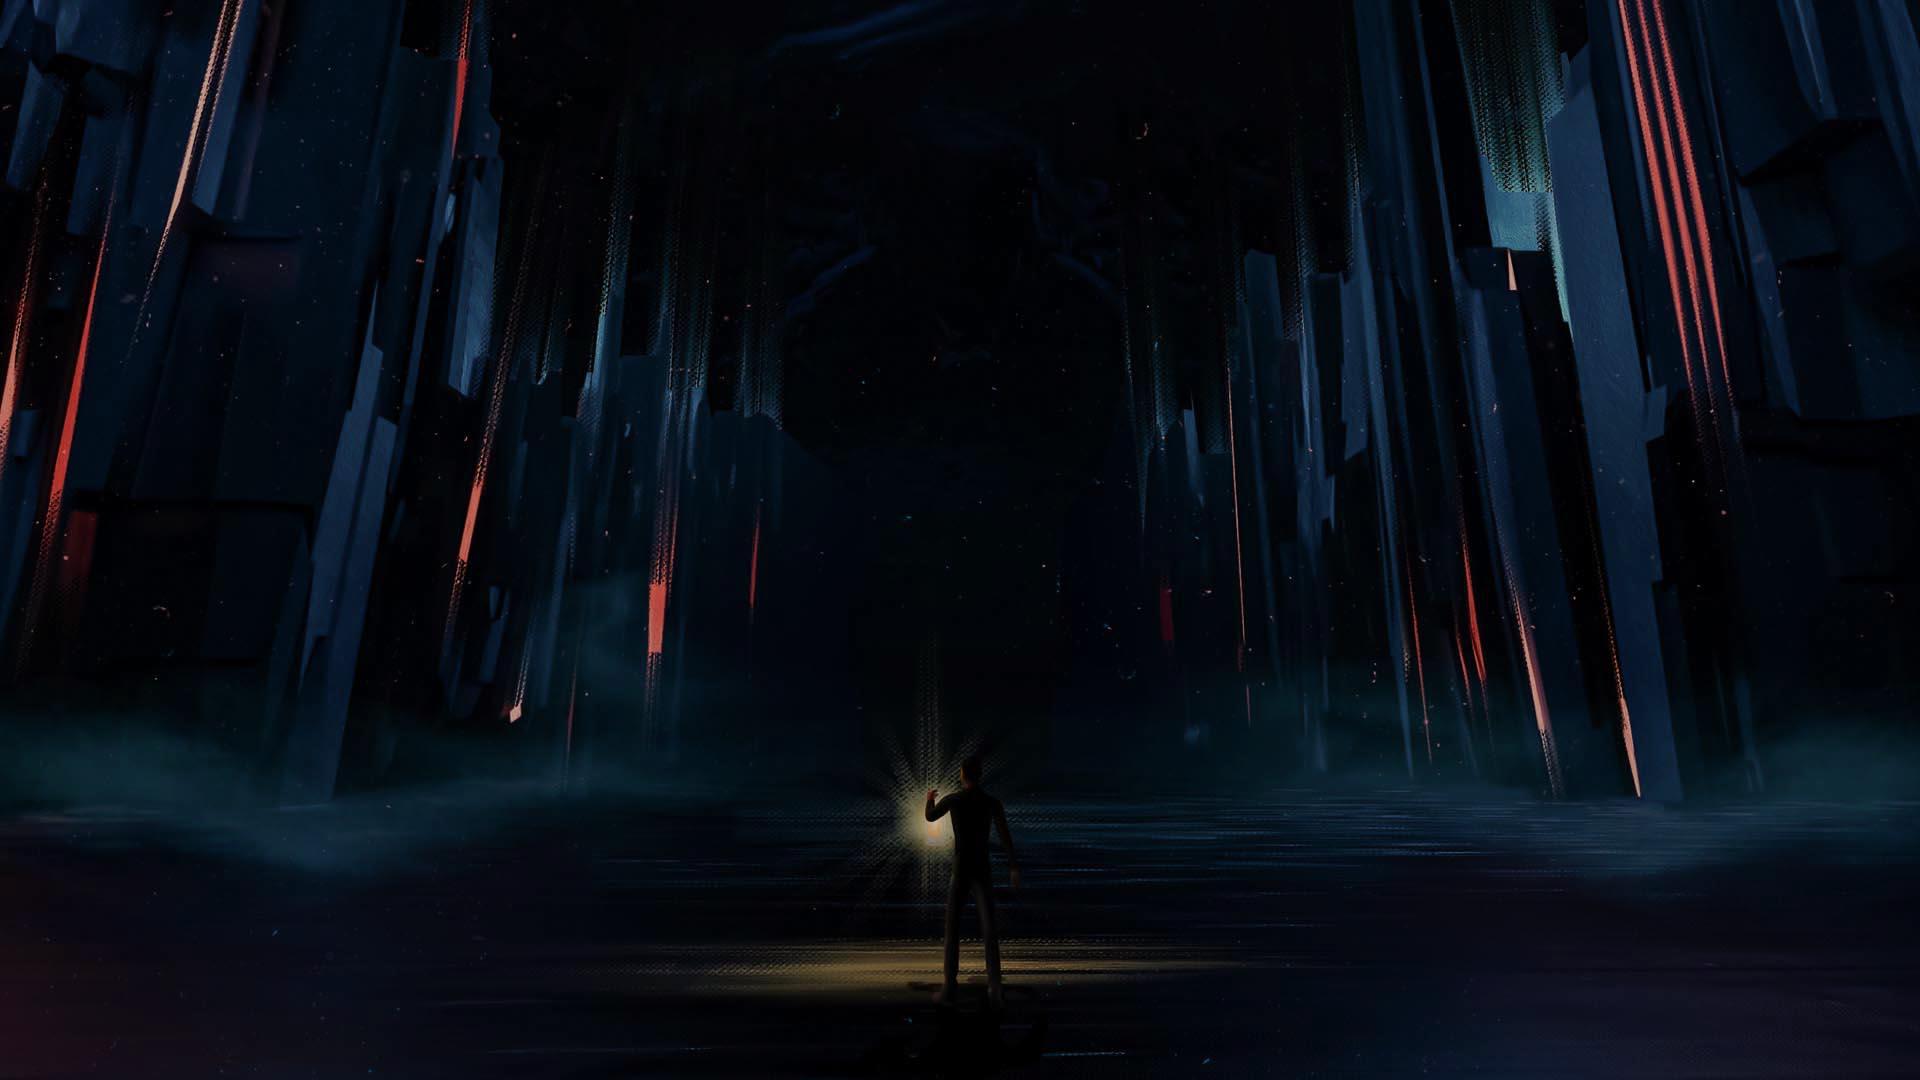 Entering a Dark World